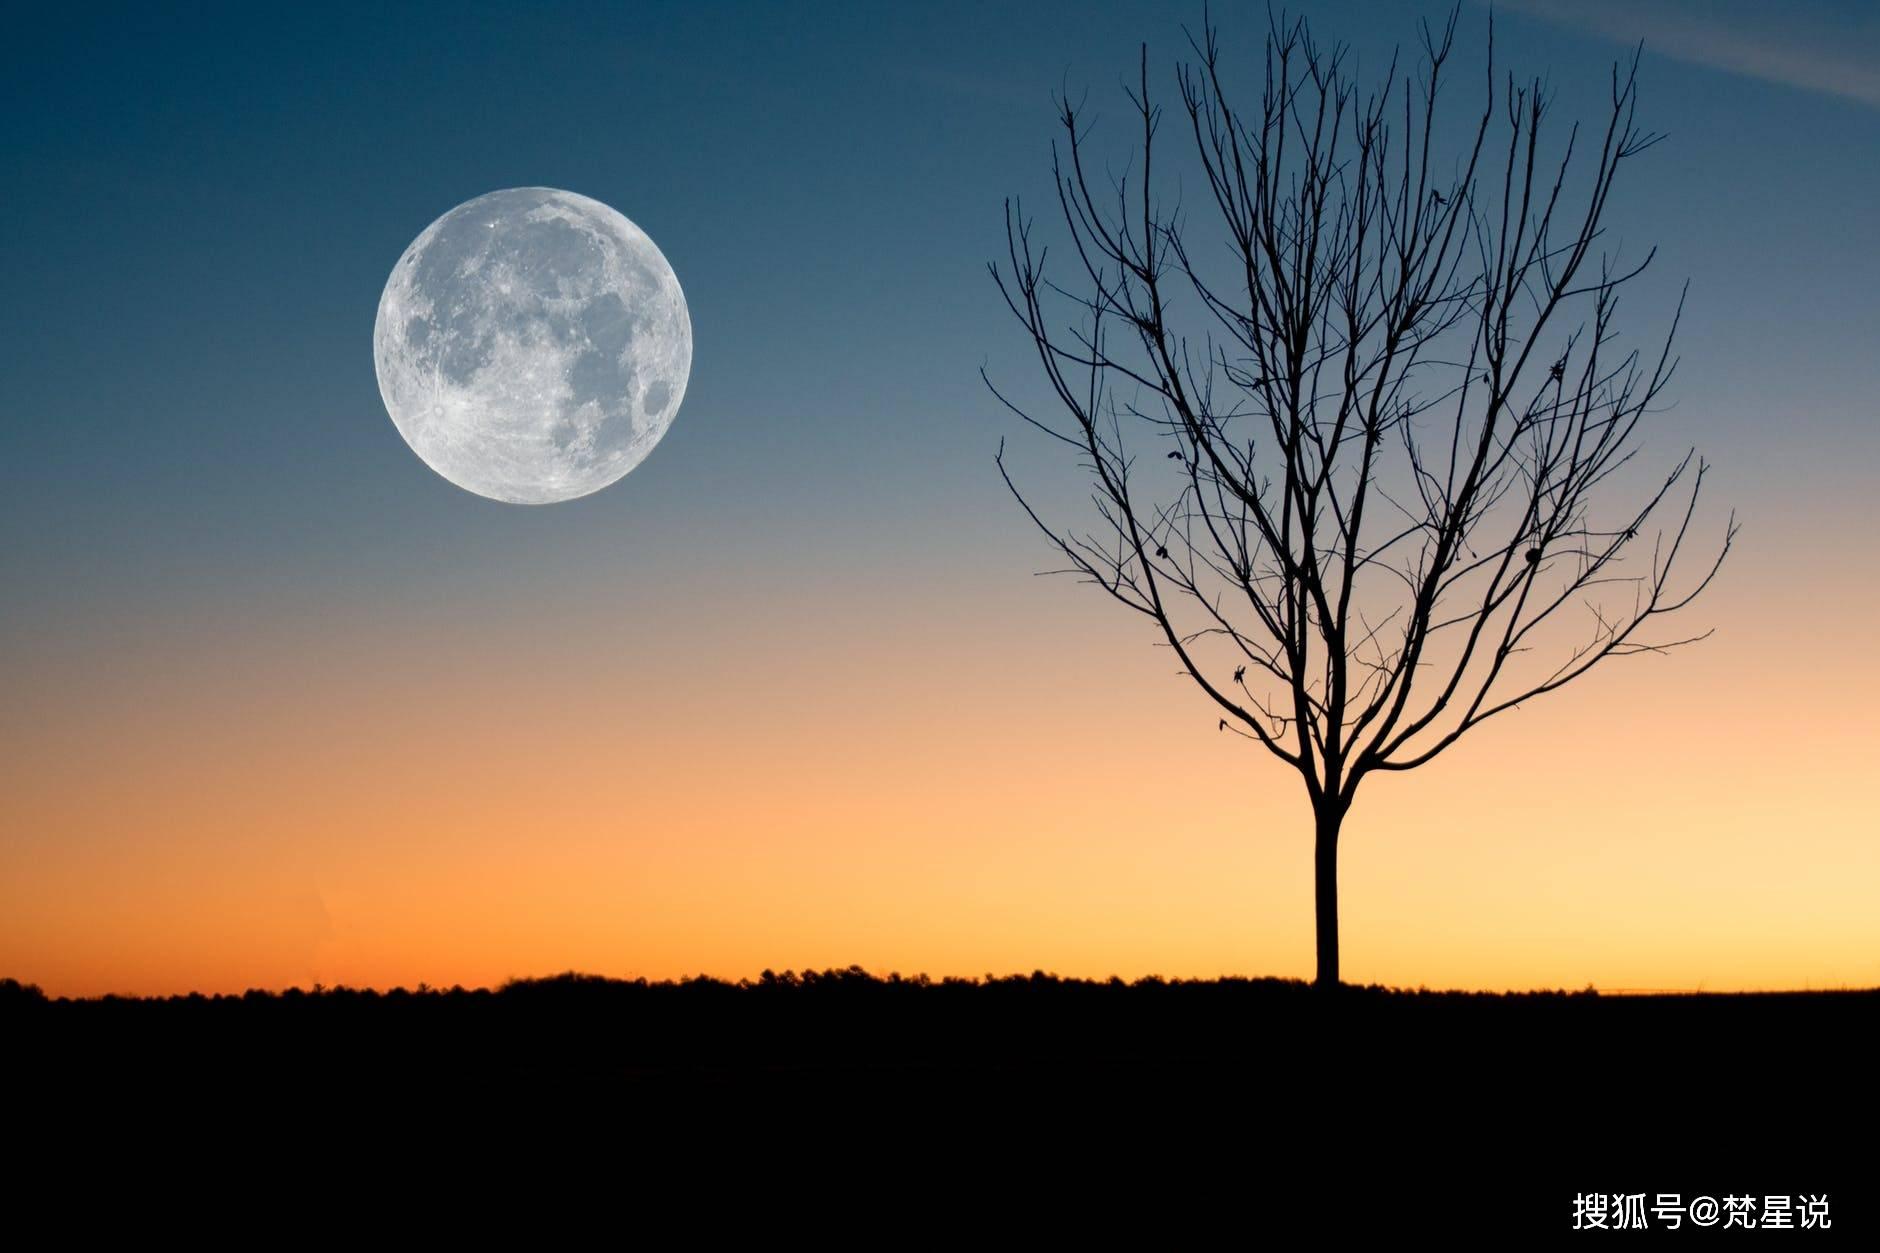 太阳与月亮落在同一星座的小伙伴,更容易成为人生赢家